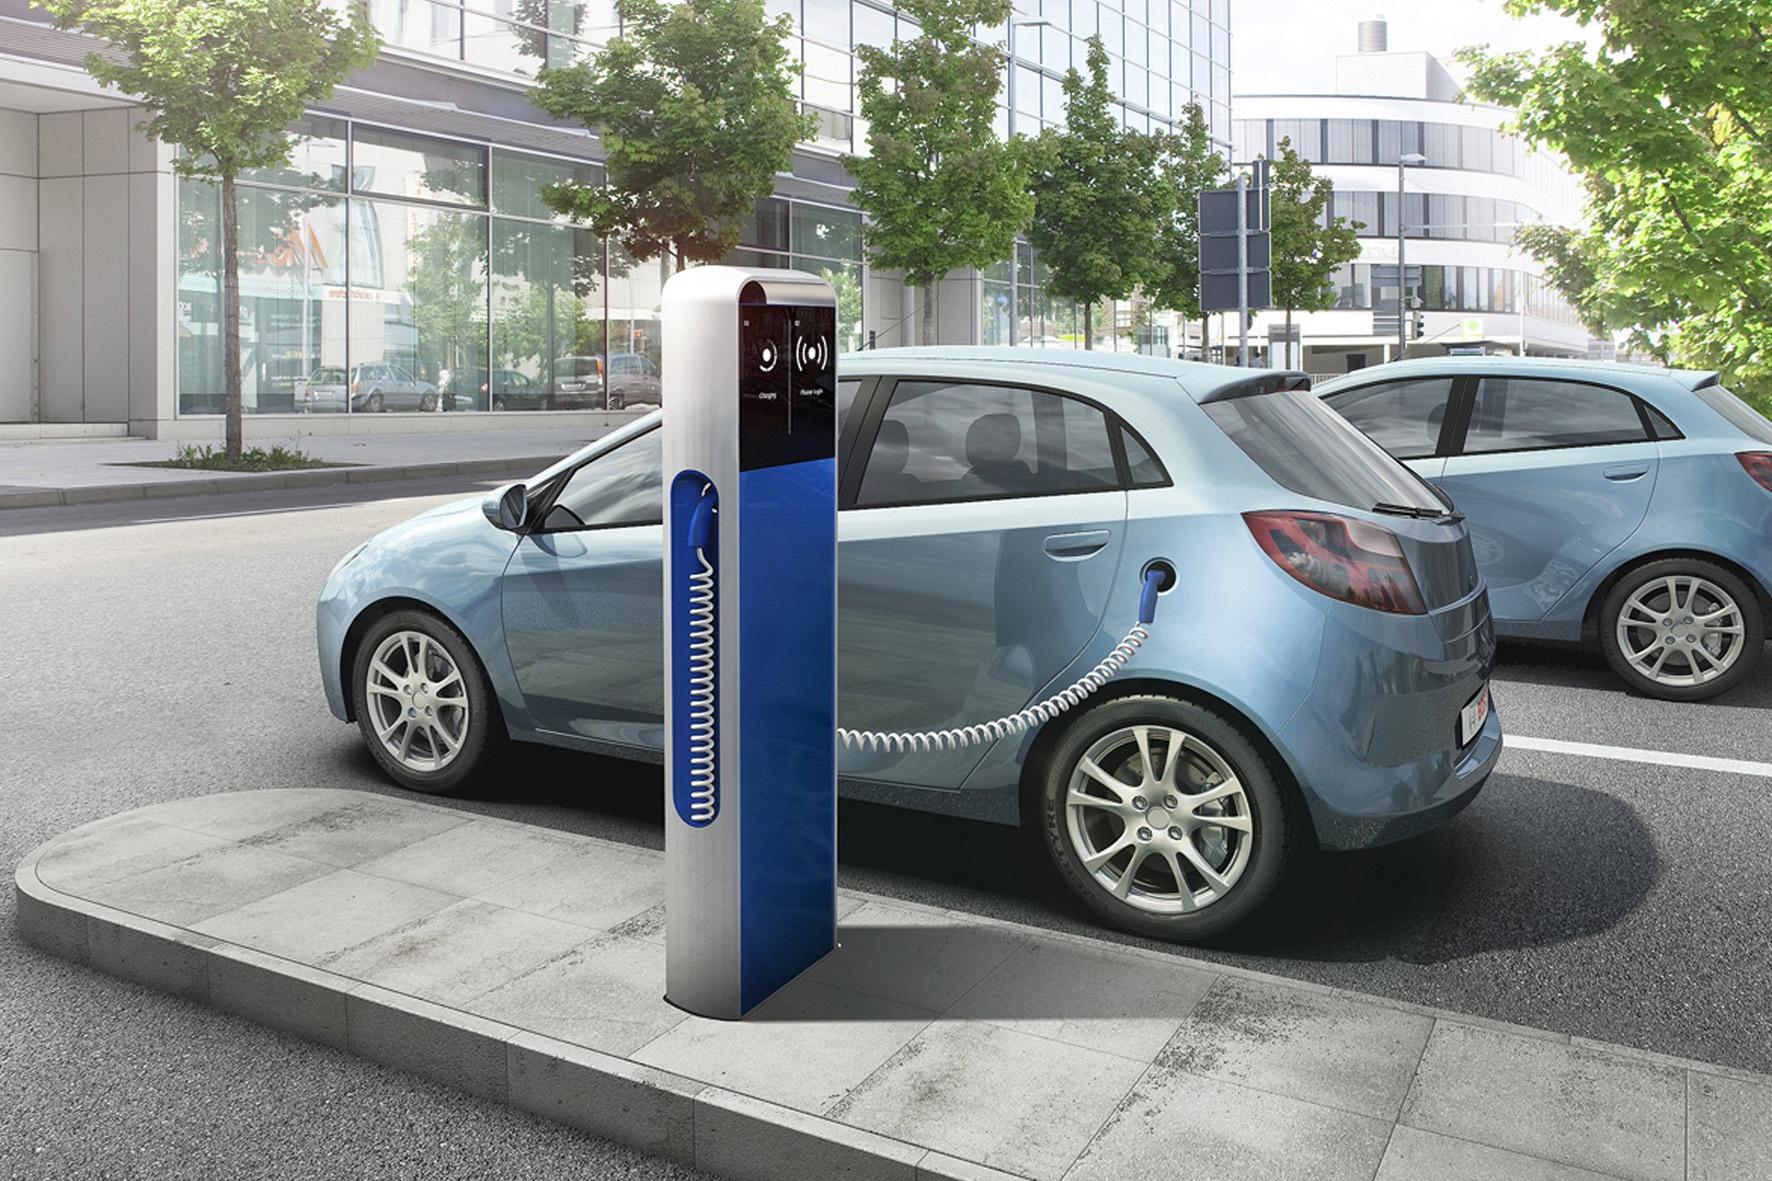 mid Düsseldorf - Der Zentralverband des Deutschen Kraftfahrzeuggewerbes hat sich gegen Kaufprämien für Elektrofahrzeuge ausgesprochen.